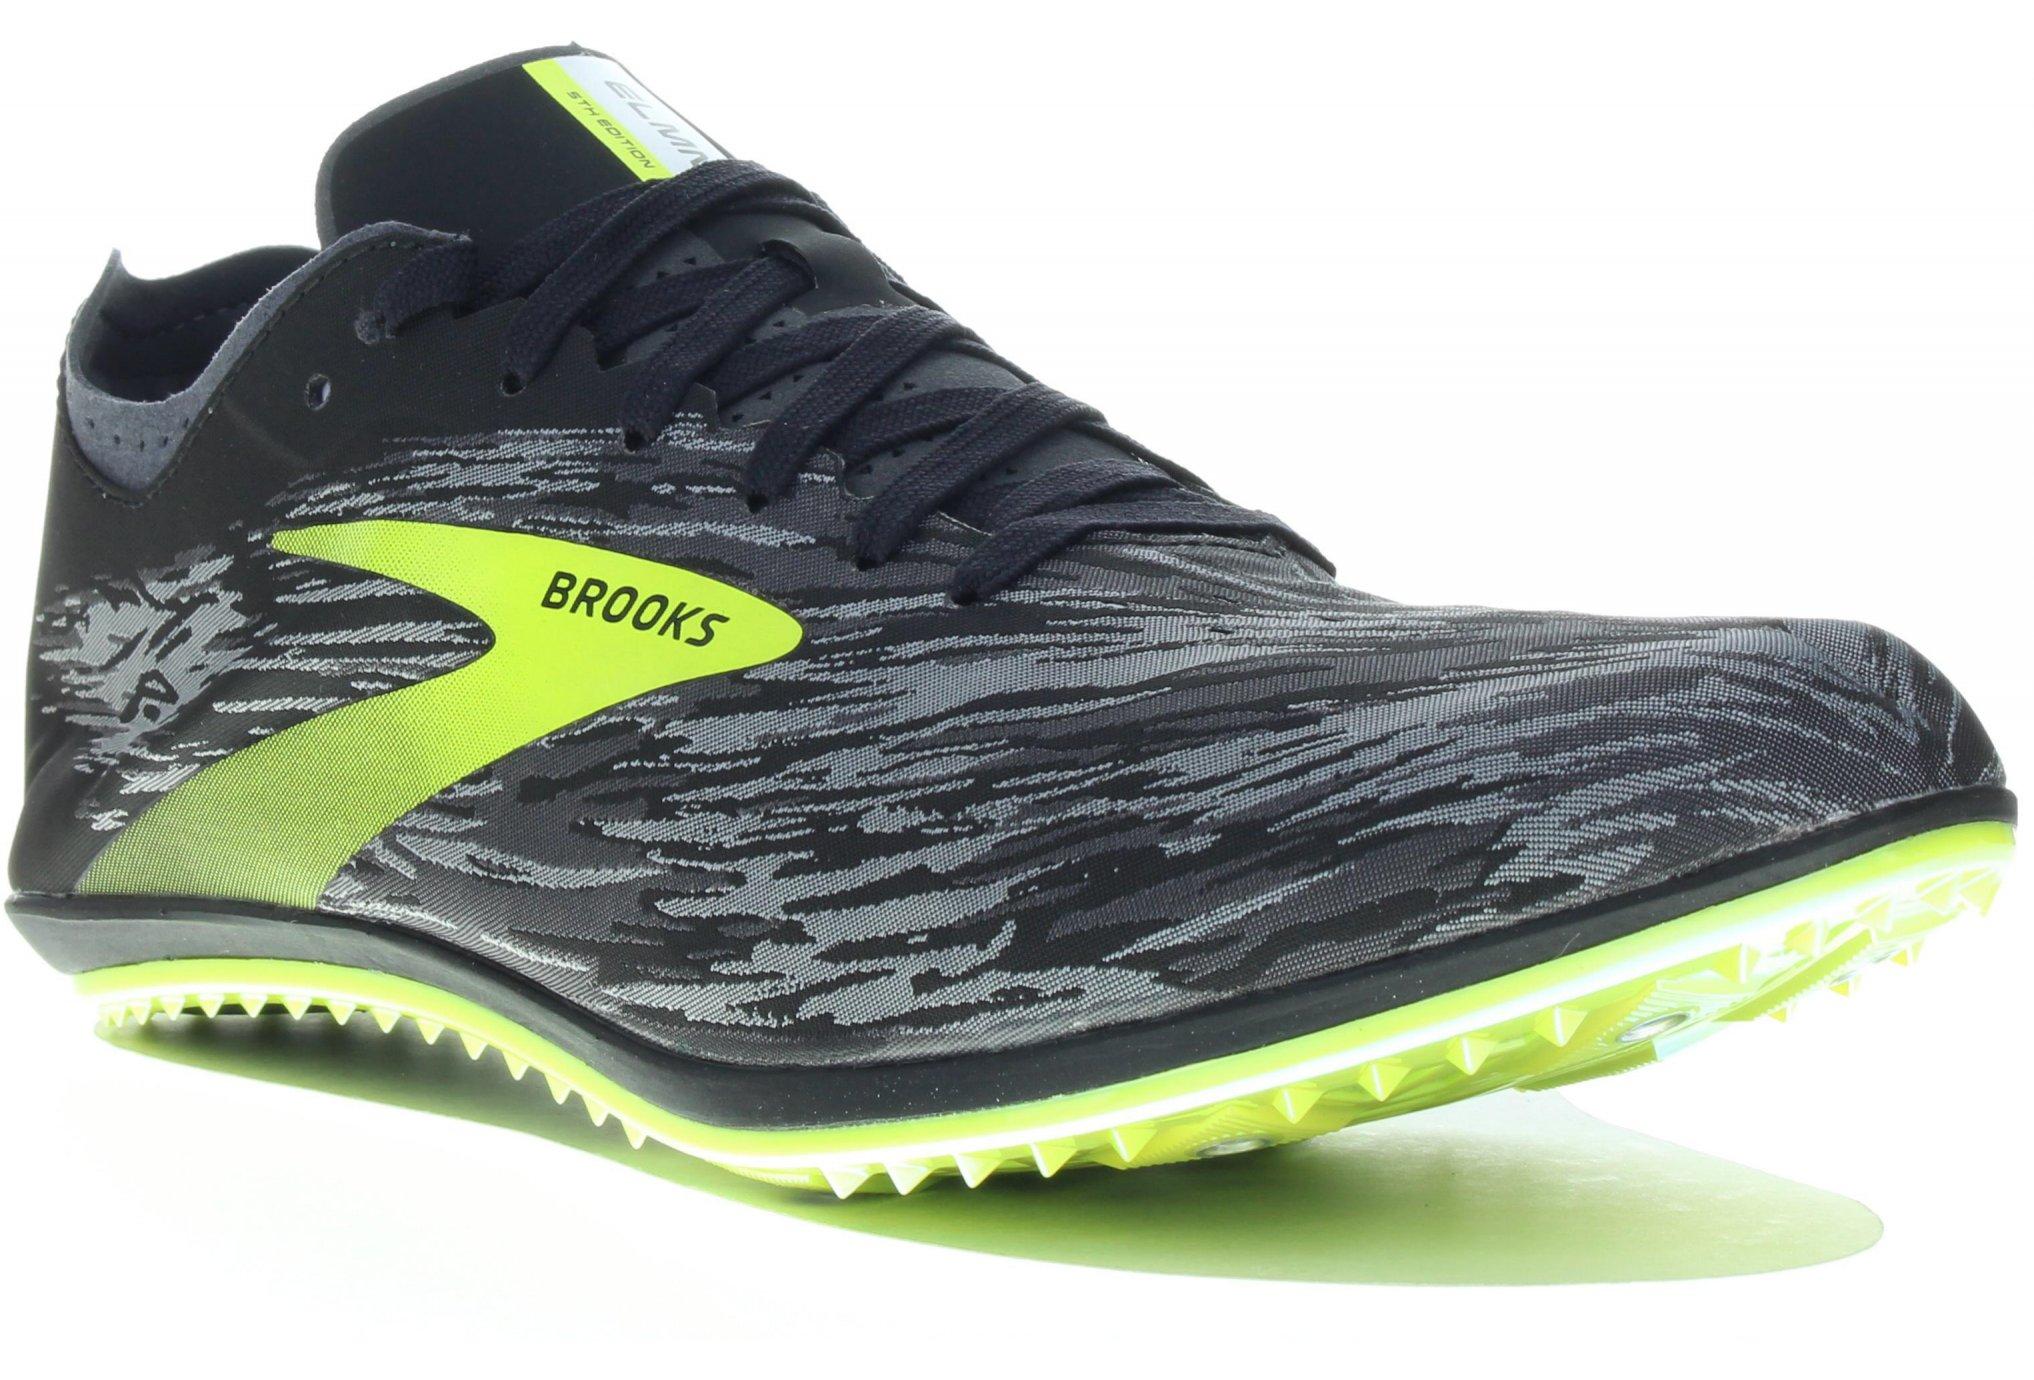 Brooks ELMN8 v5 Chaussures homme